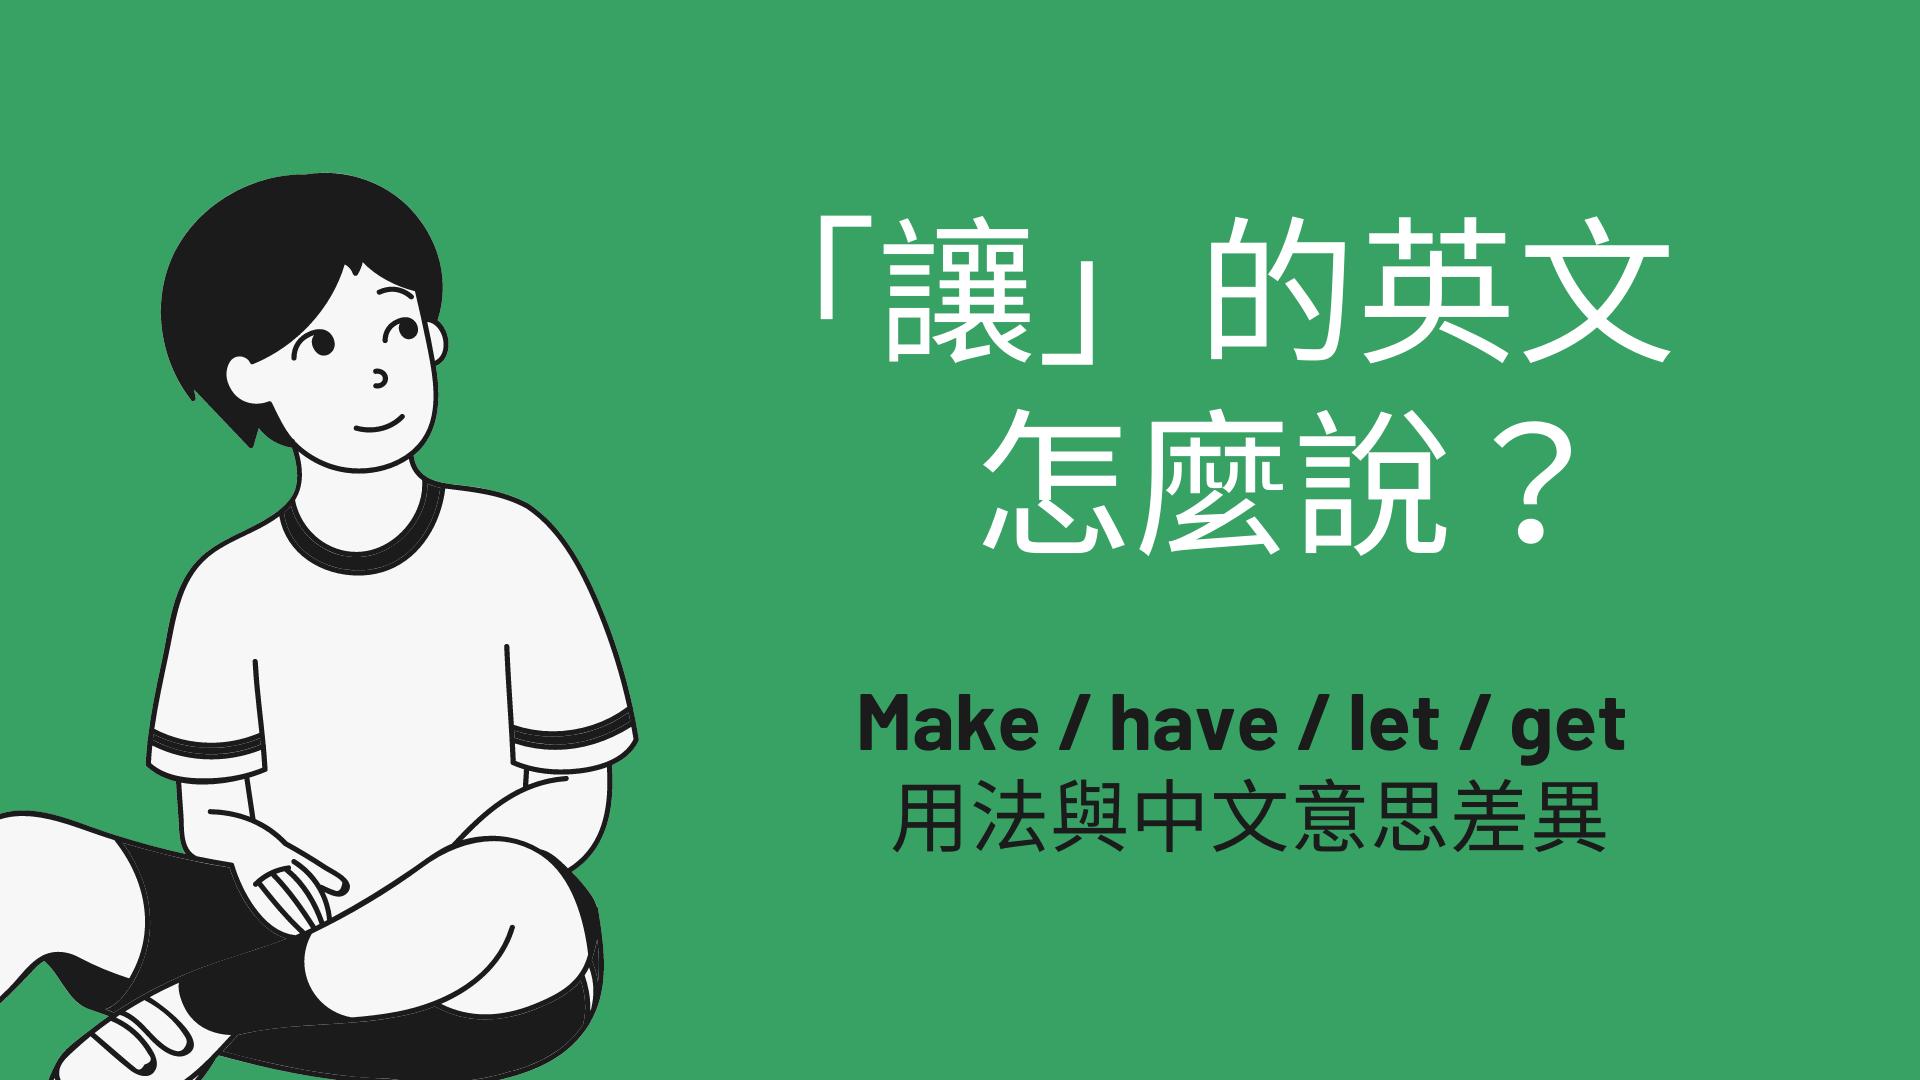 「讓、使」的英文要用哪個? Make / have / let / get 用法與中文意思差異!